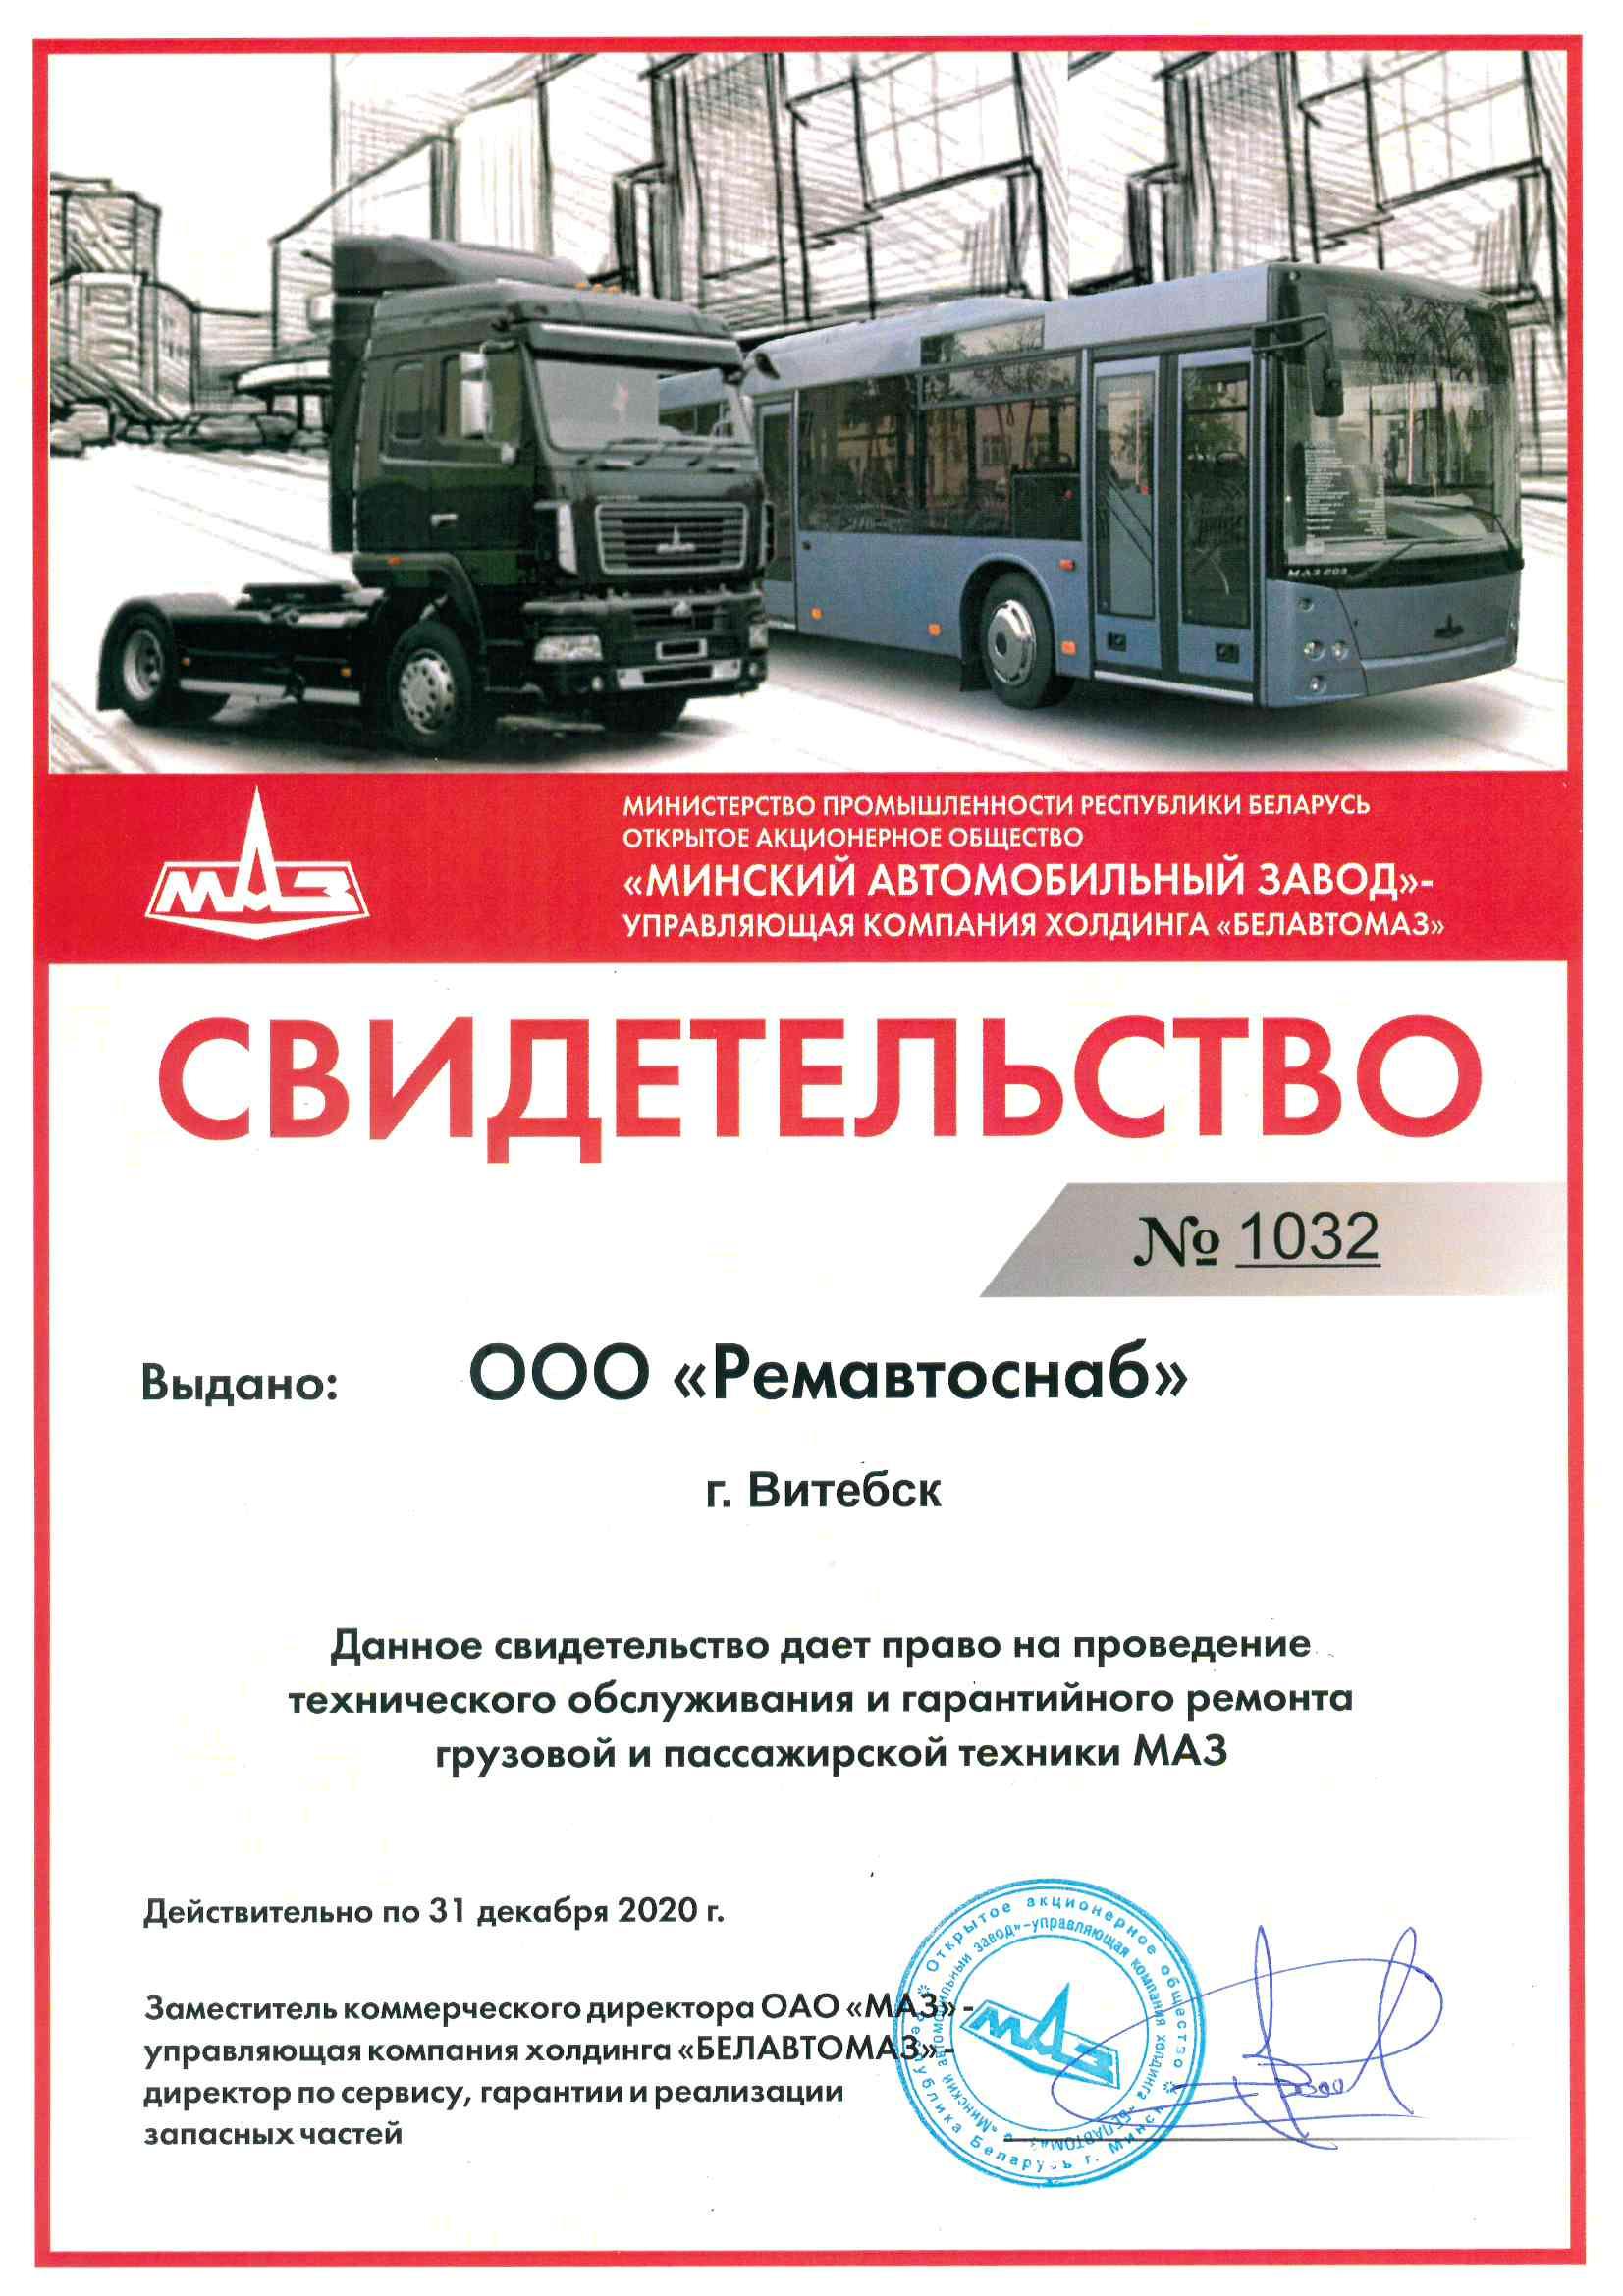 Филиал Авторизованная СТО МАЗ в г. Витебск